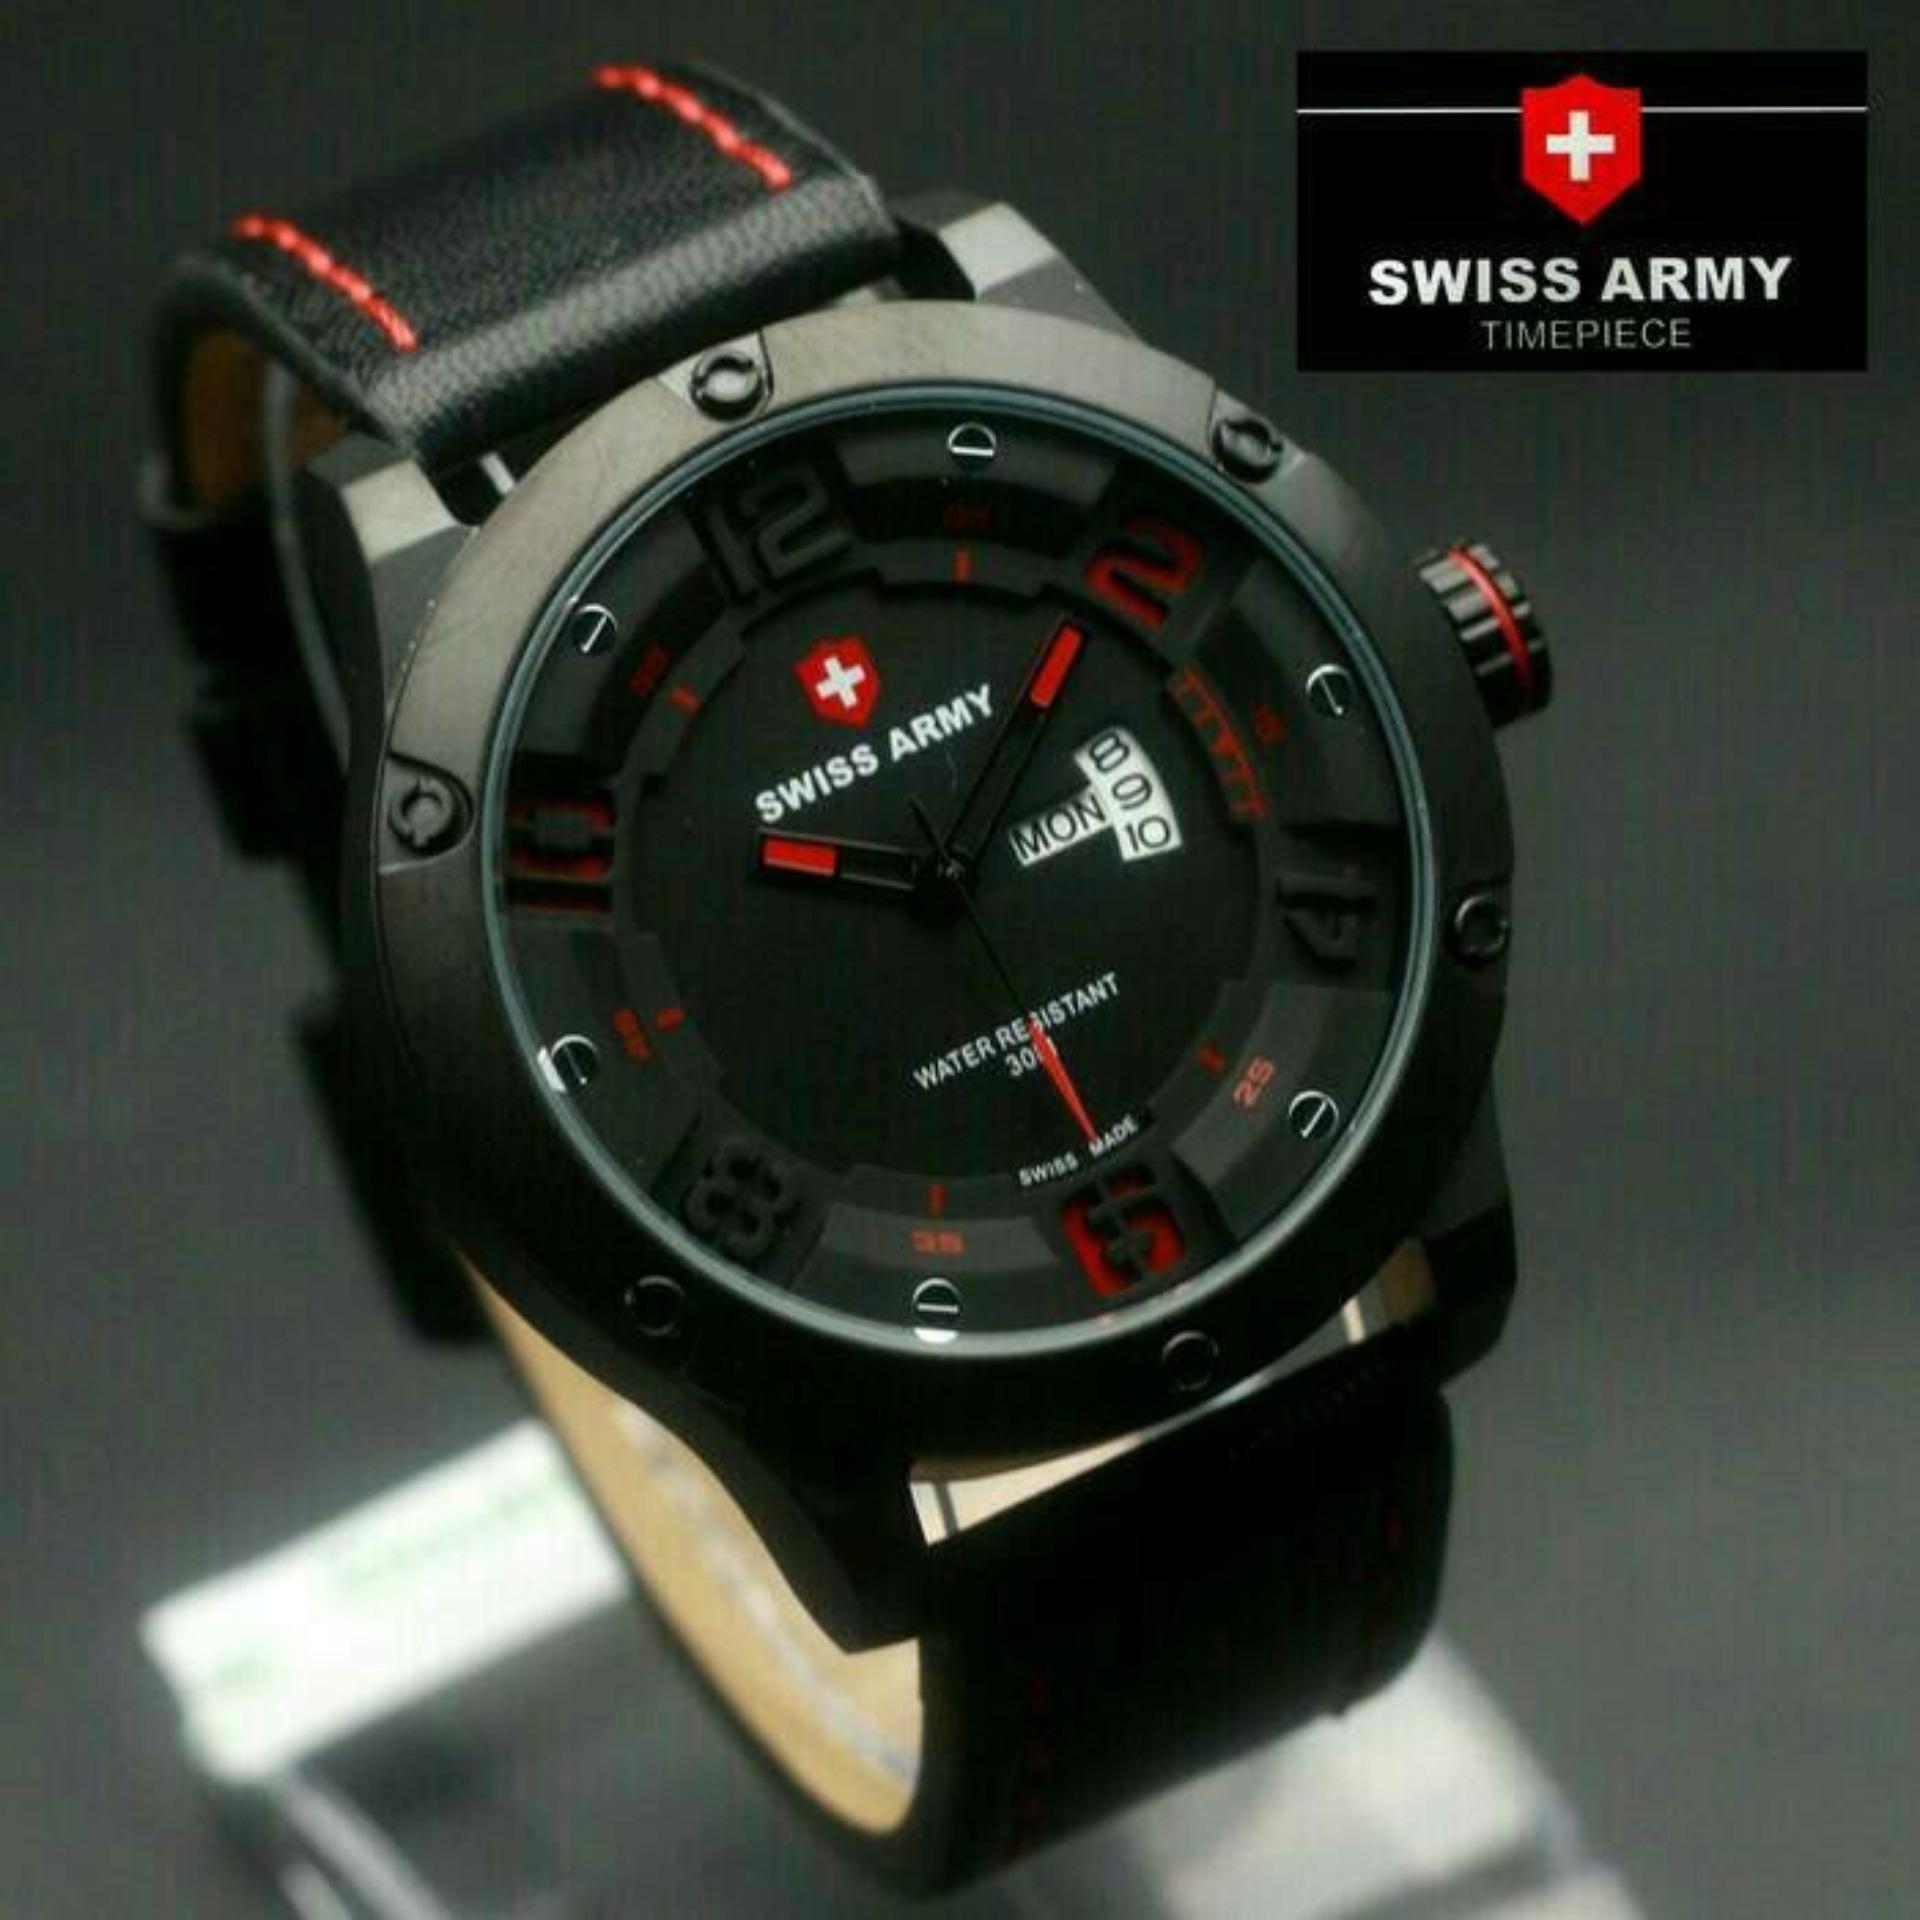 Swiss Army Jam Tangan Pria Strap Kulit Sa 1098 Daftar Update Harga 2011 Mqbtbsl Putih Silver Original 3035